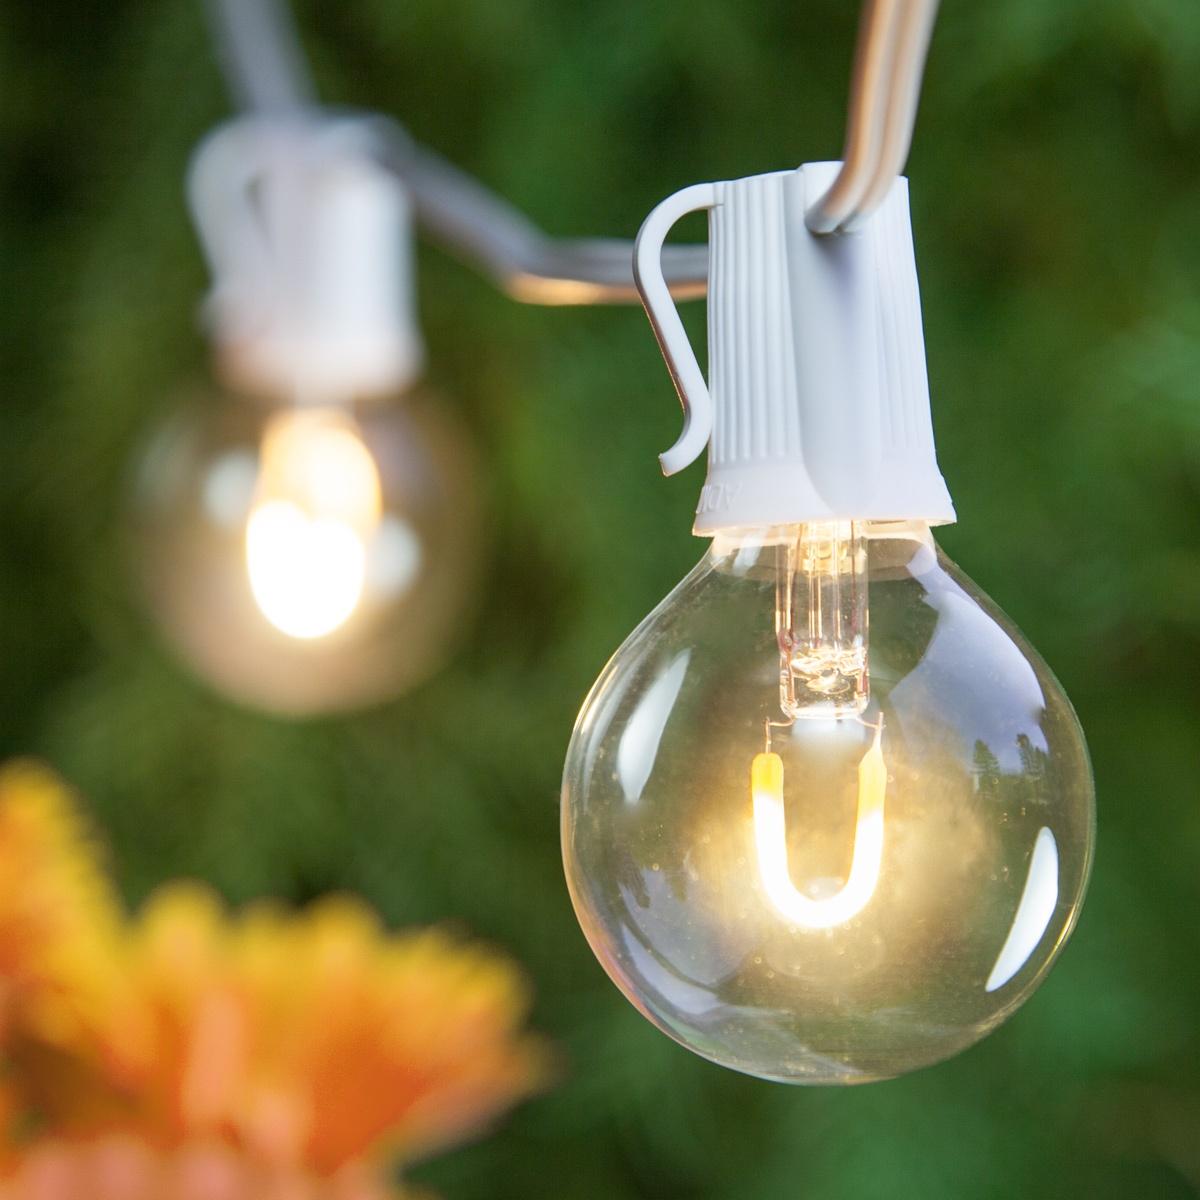 Patio Lights Warm White Led Lights 50 G50 E12 Bulbs